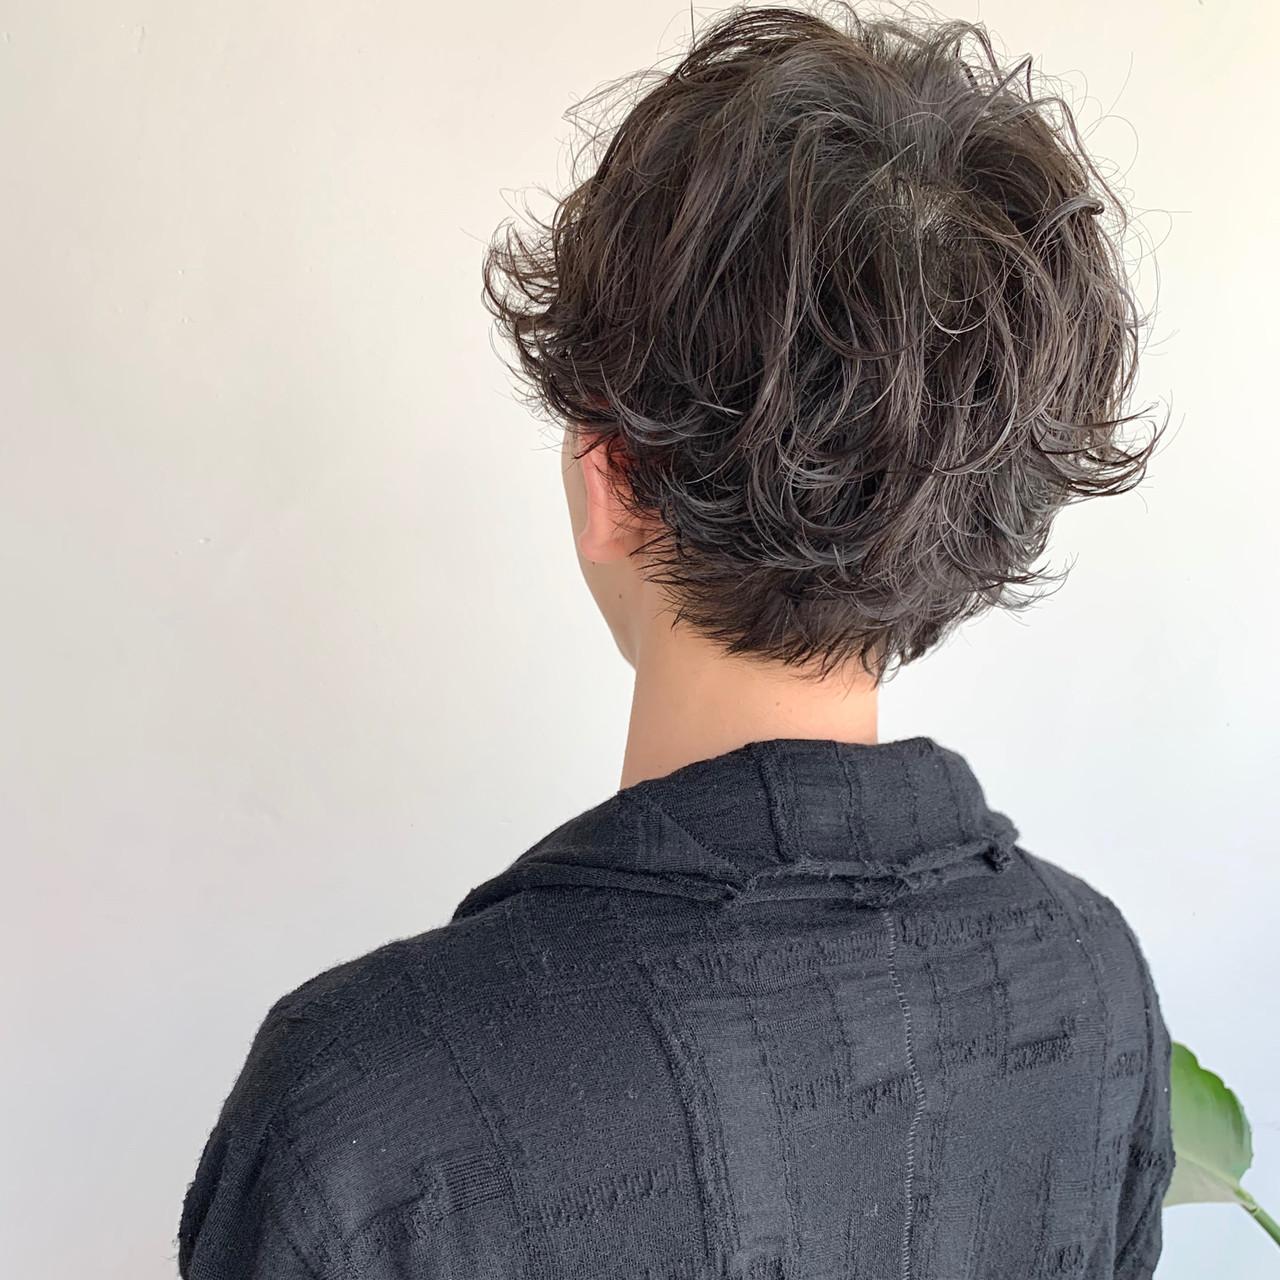 メンズパーマ ナチュラル 無造作パーマ パーマ ヘアスタイルや髪型の写真・画像